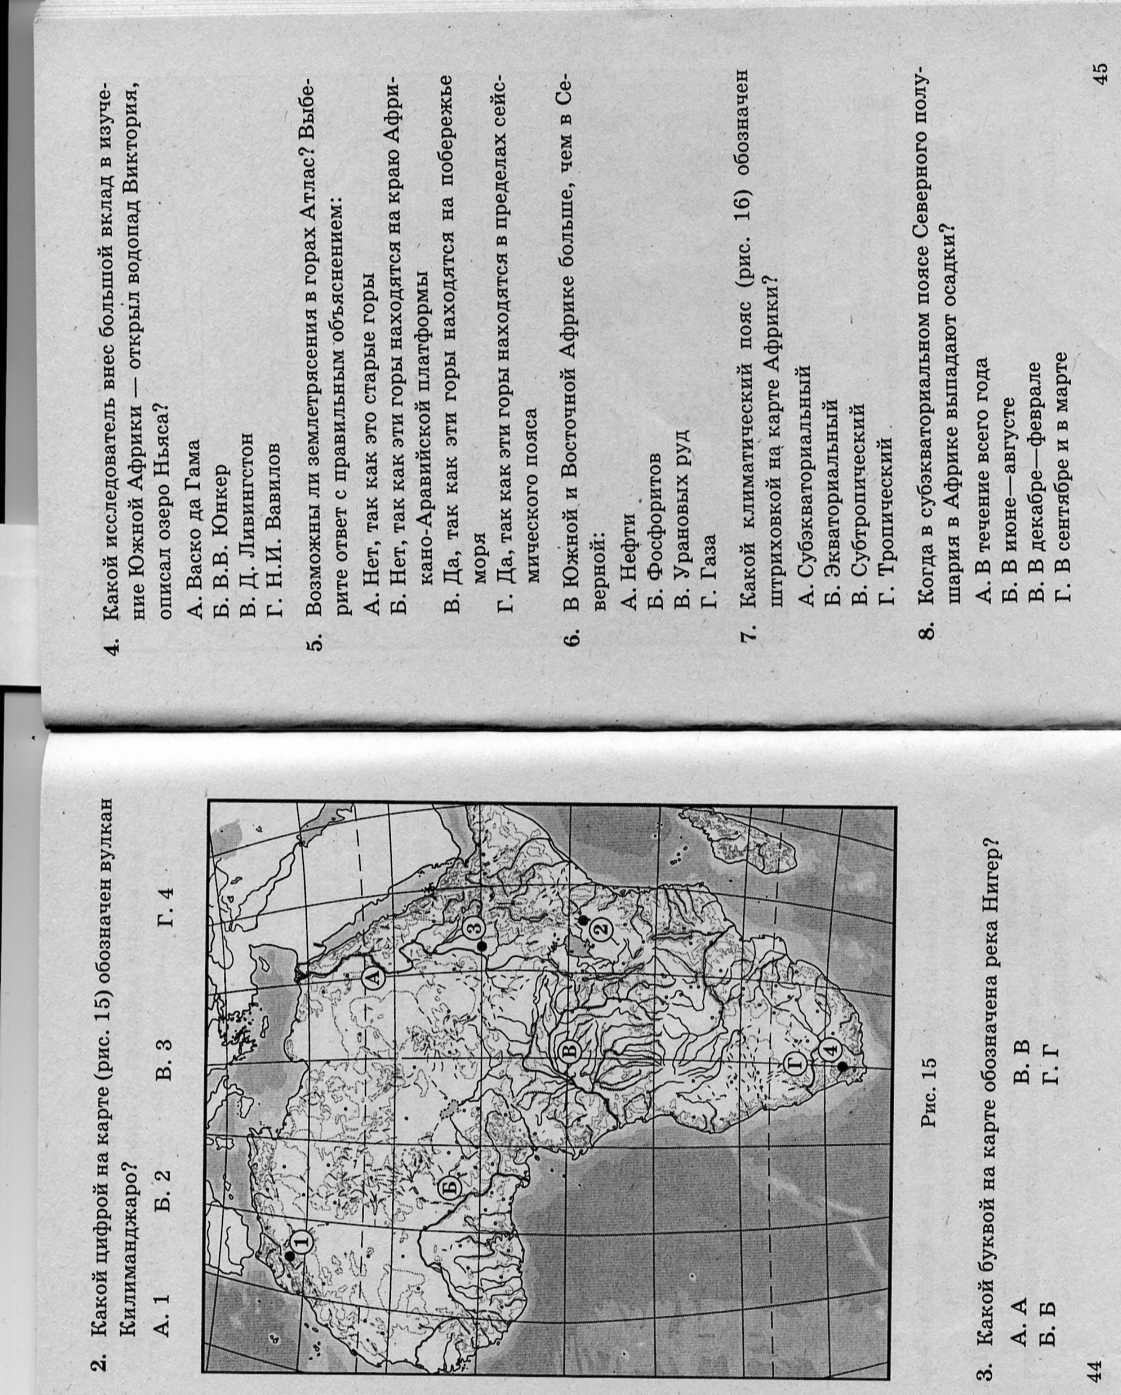 Контрольная работа по географии по теме Африка класс г i 158 jpg